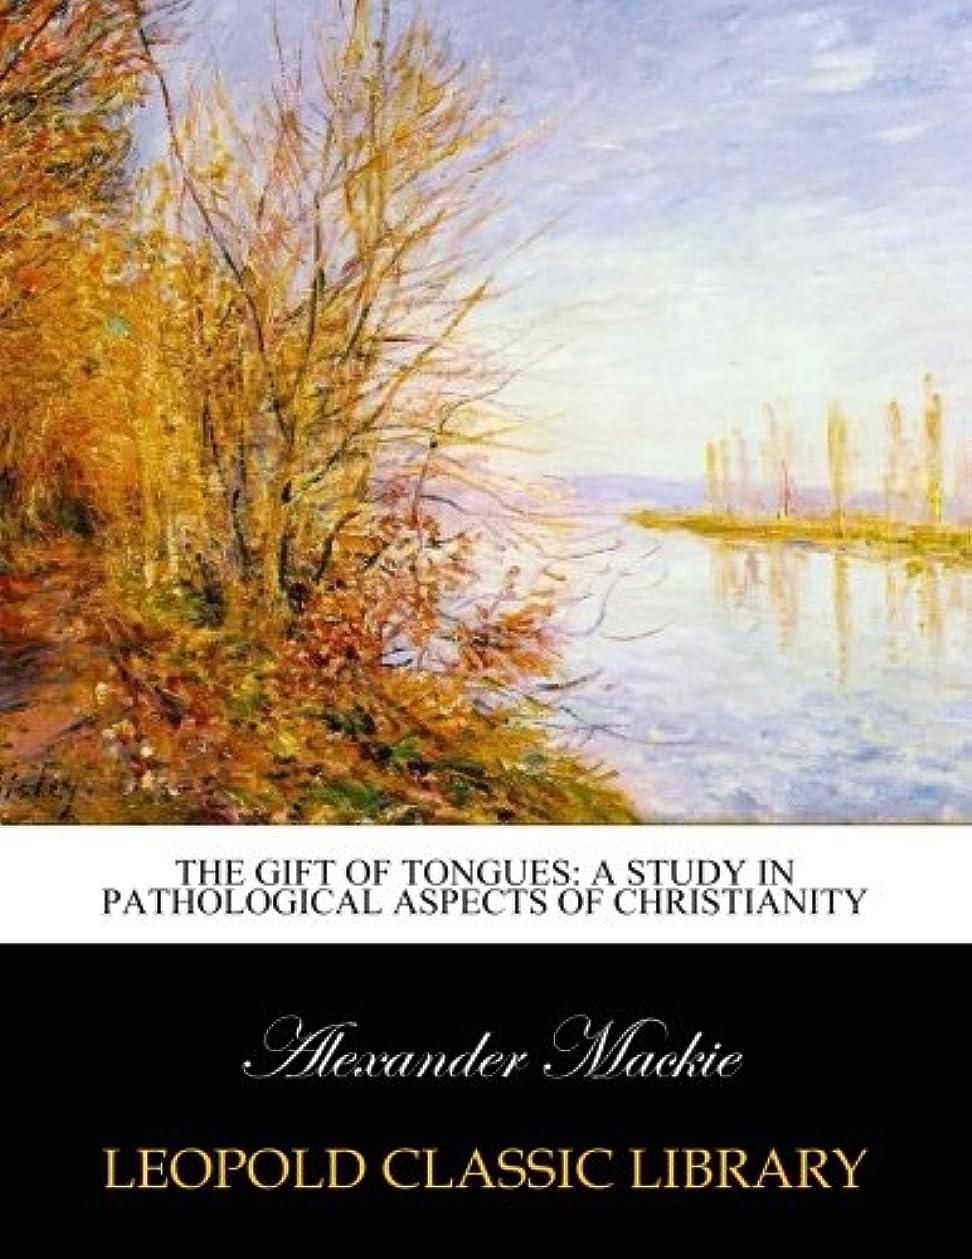 追放パトロール上級The gift of tongues: a study in pathological aspects of Christianity